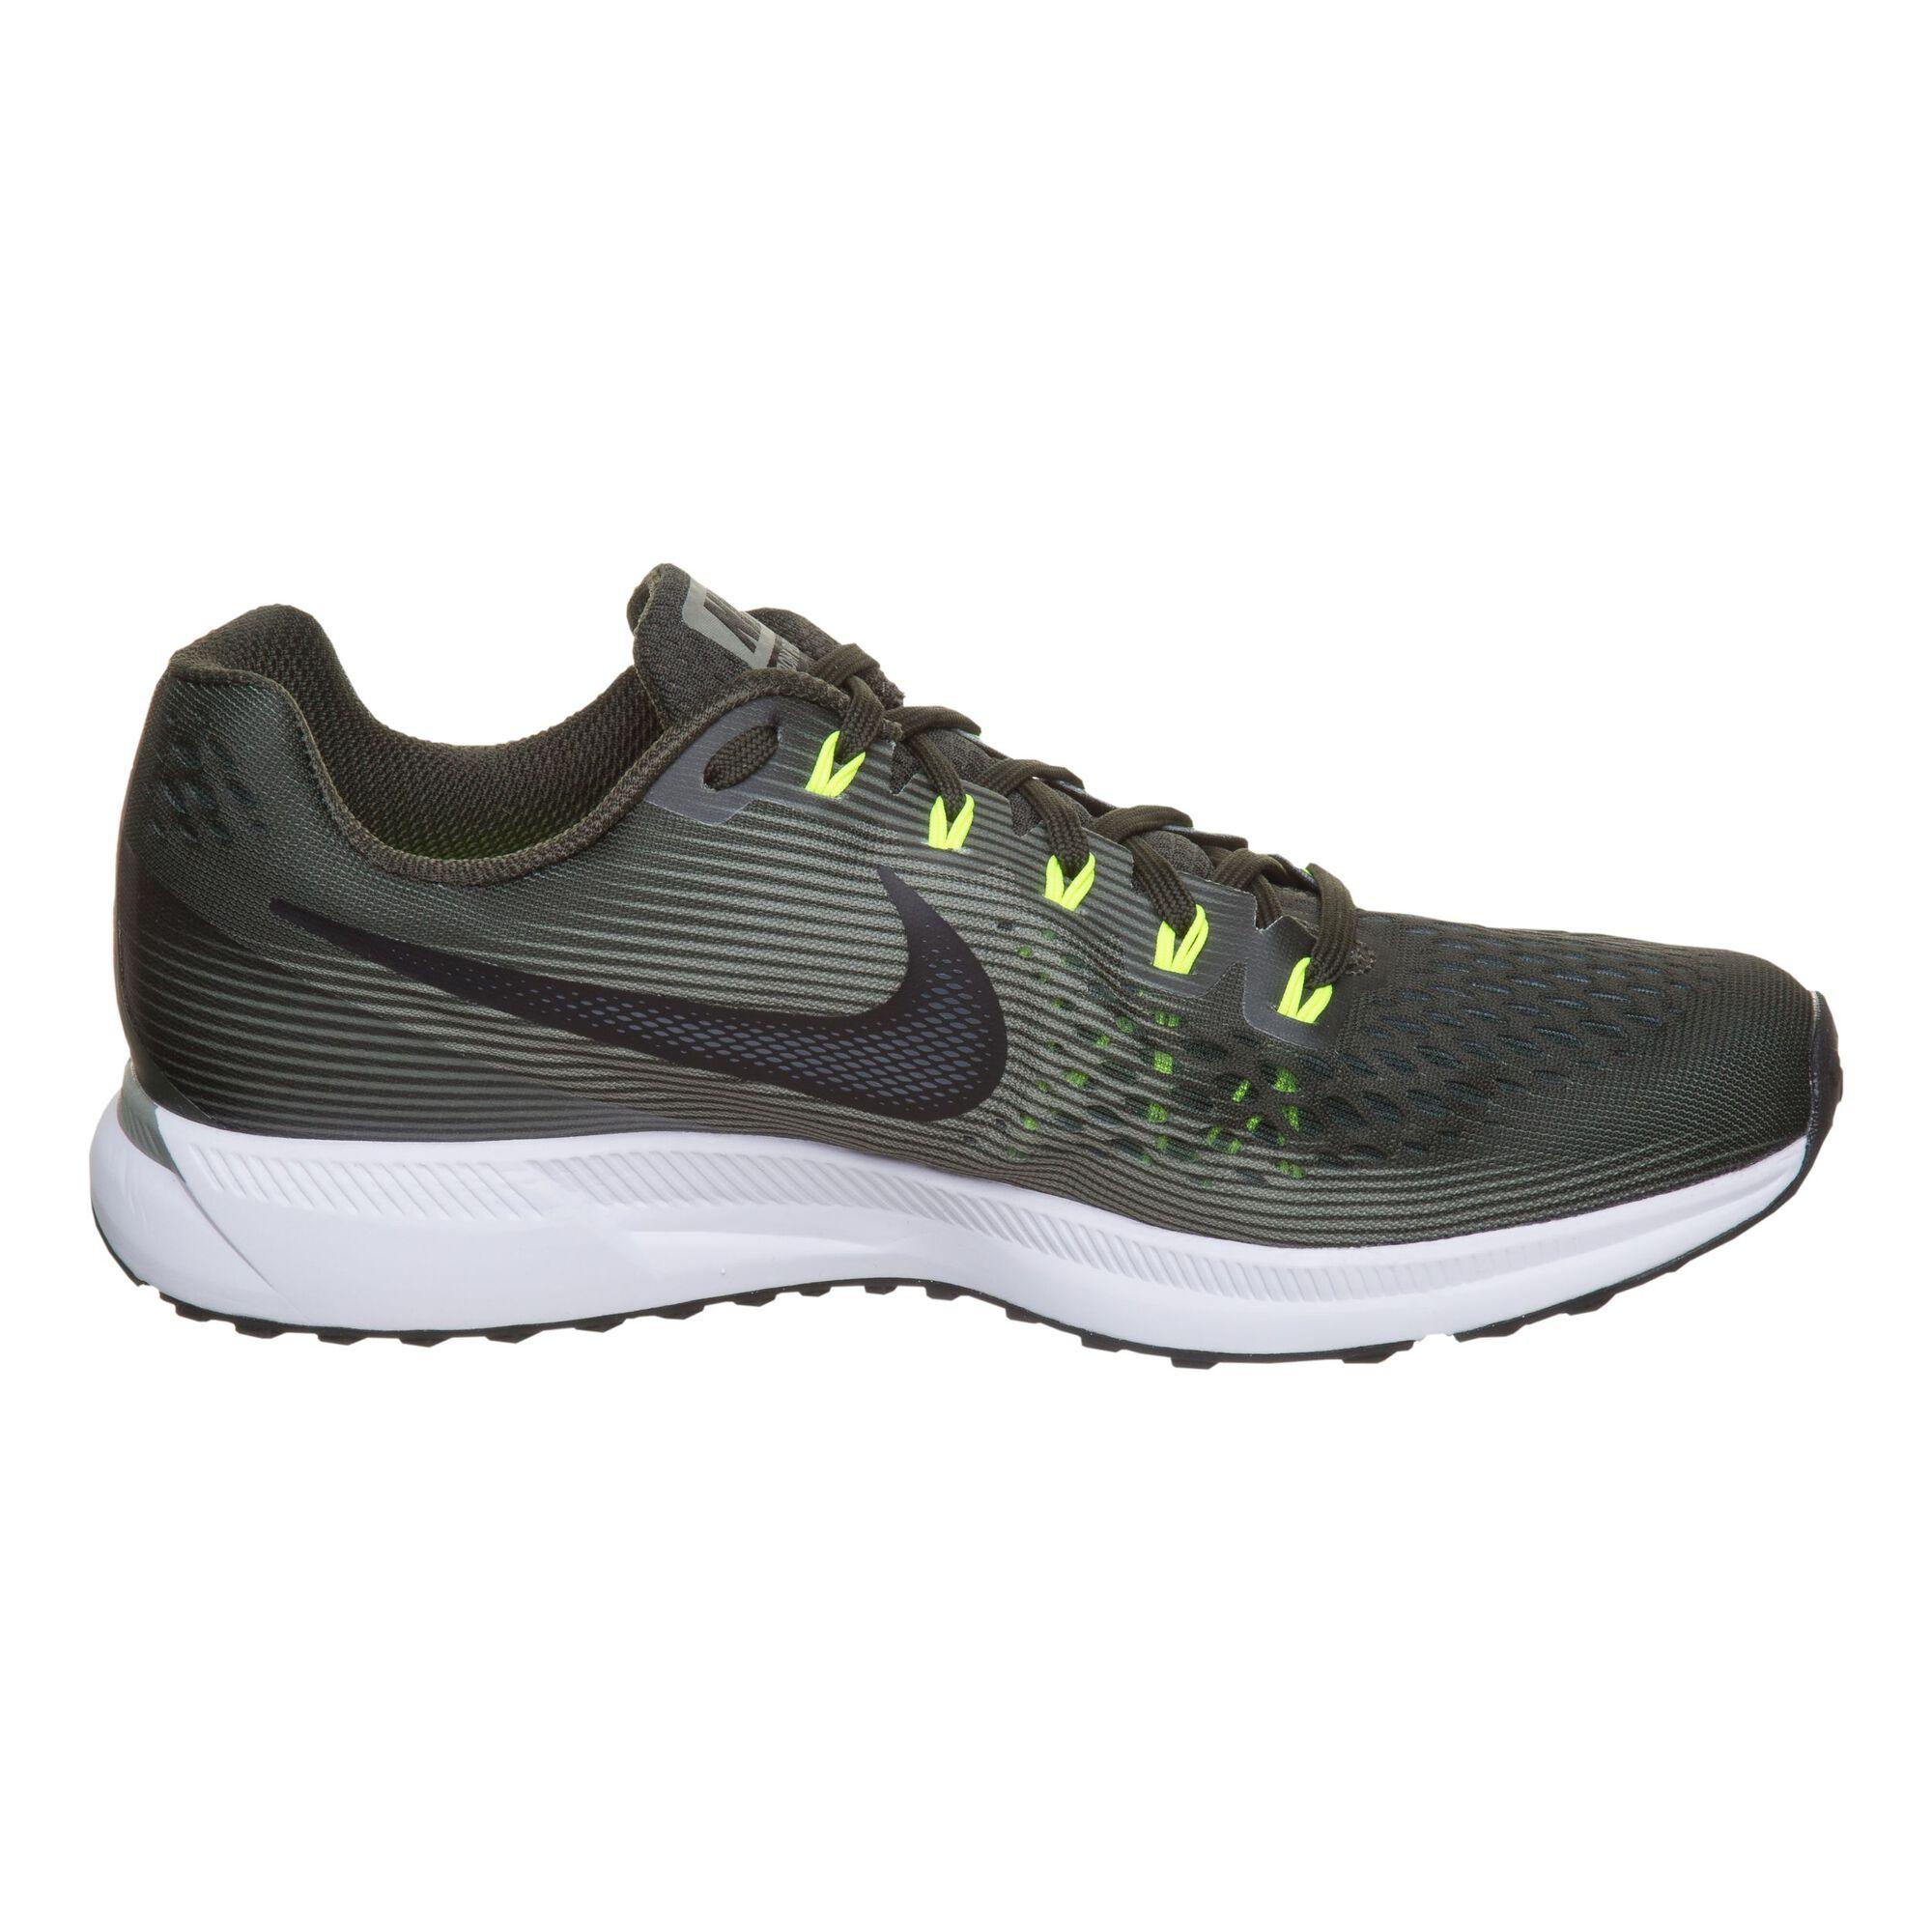 4ce1404a7d4 Nike  Nike  Nike  Nike  Nike  Nike  Nike  Nike  Nike  Nike. Air Zoom  Pegasus 34 Men ...